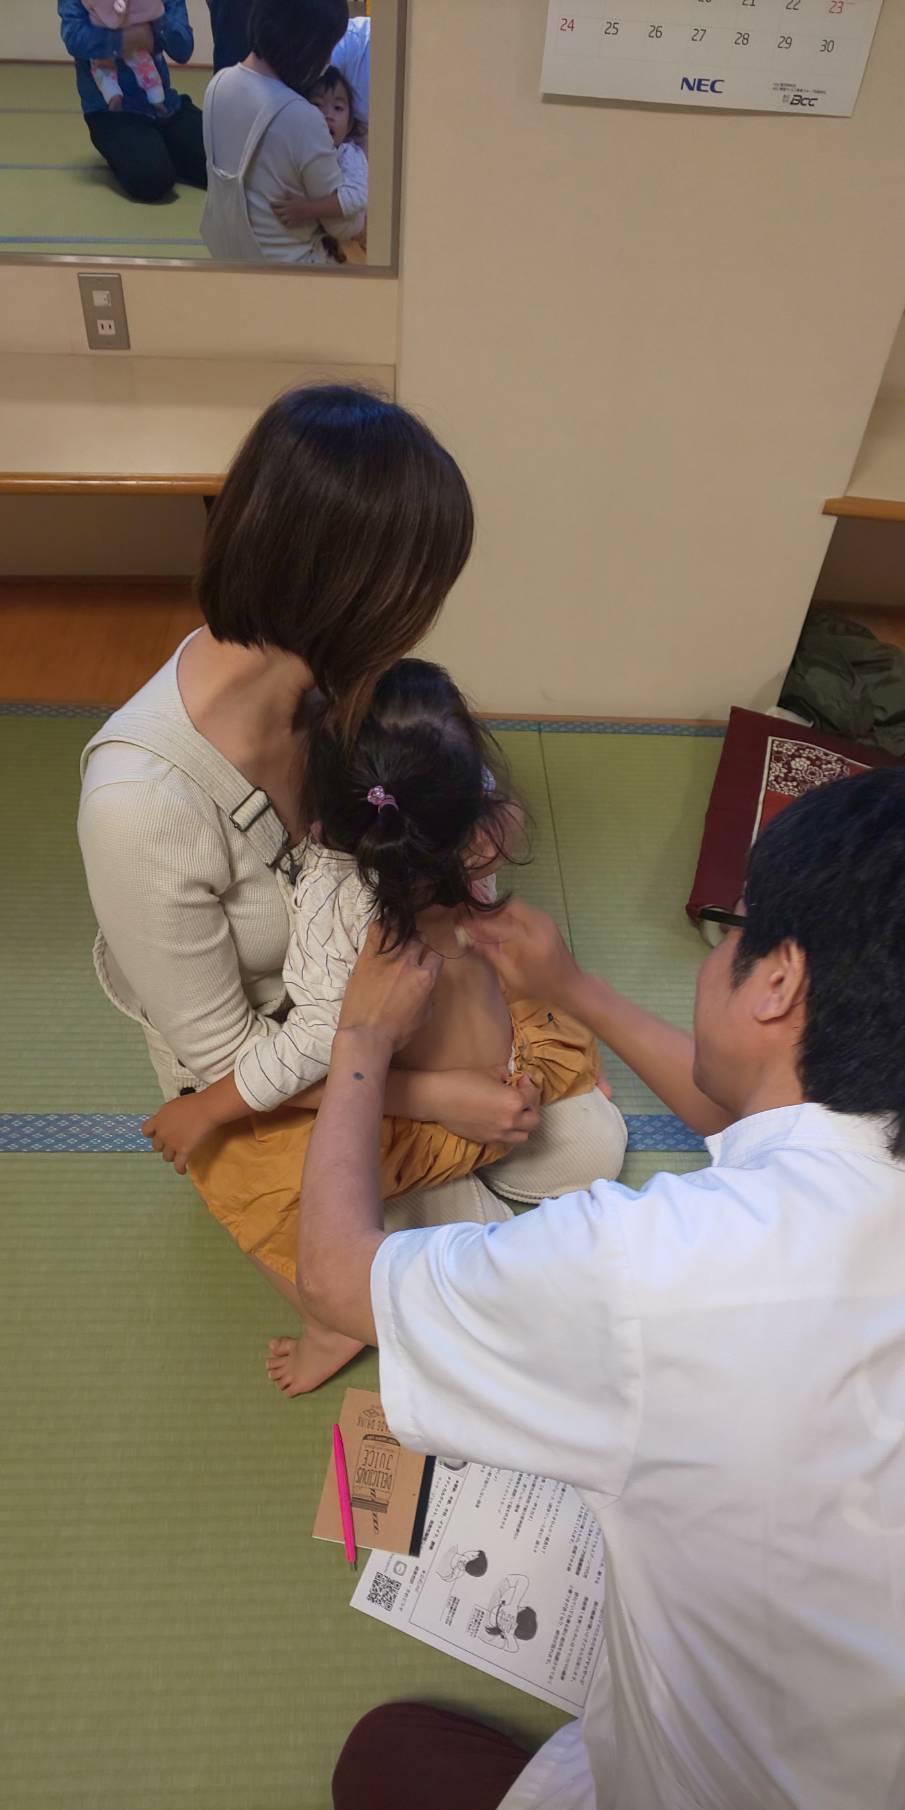 幼児に小児はりを実践している様子